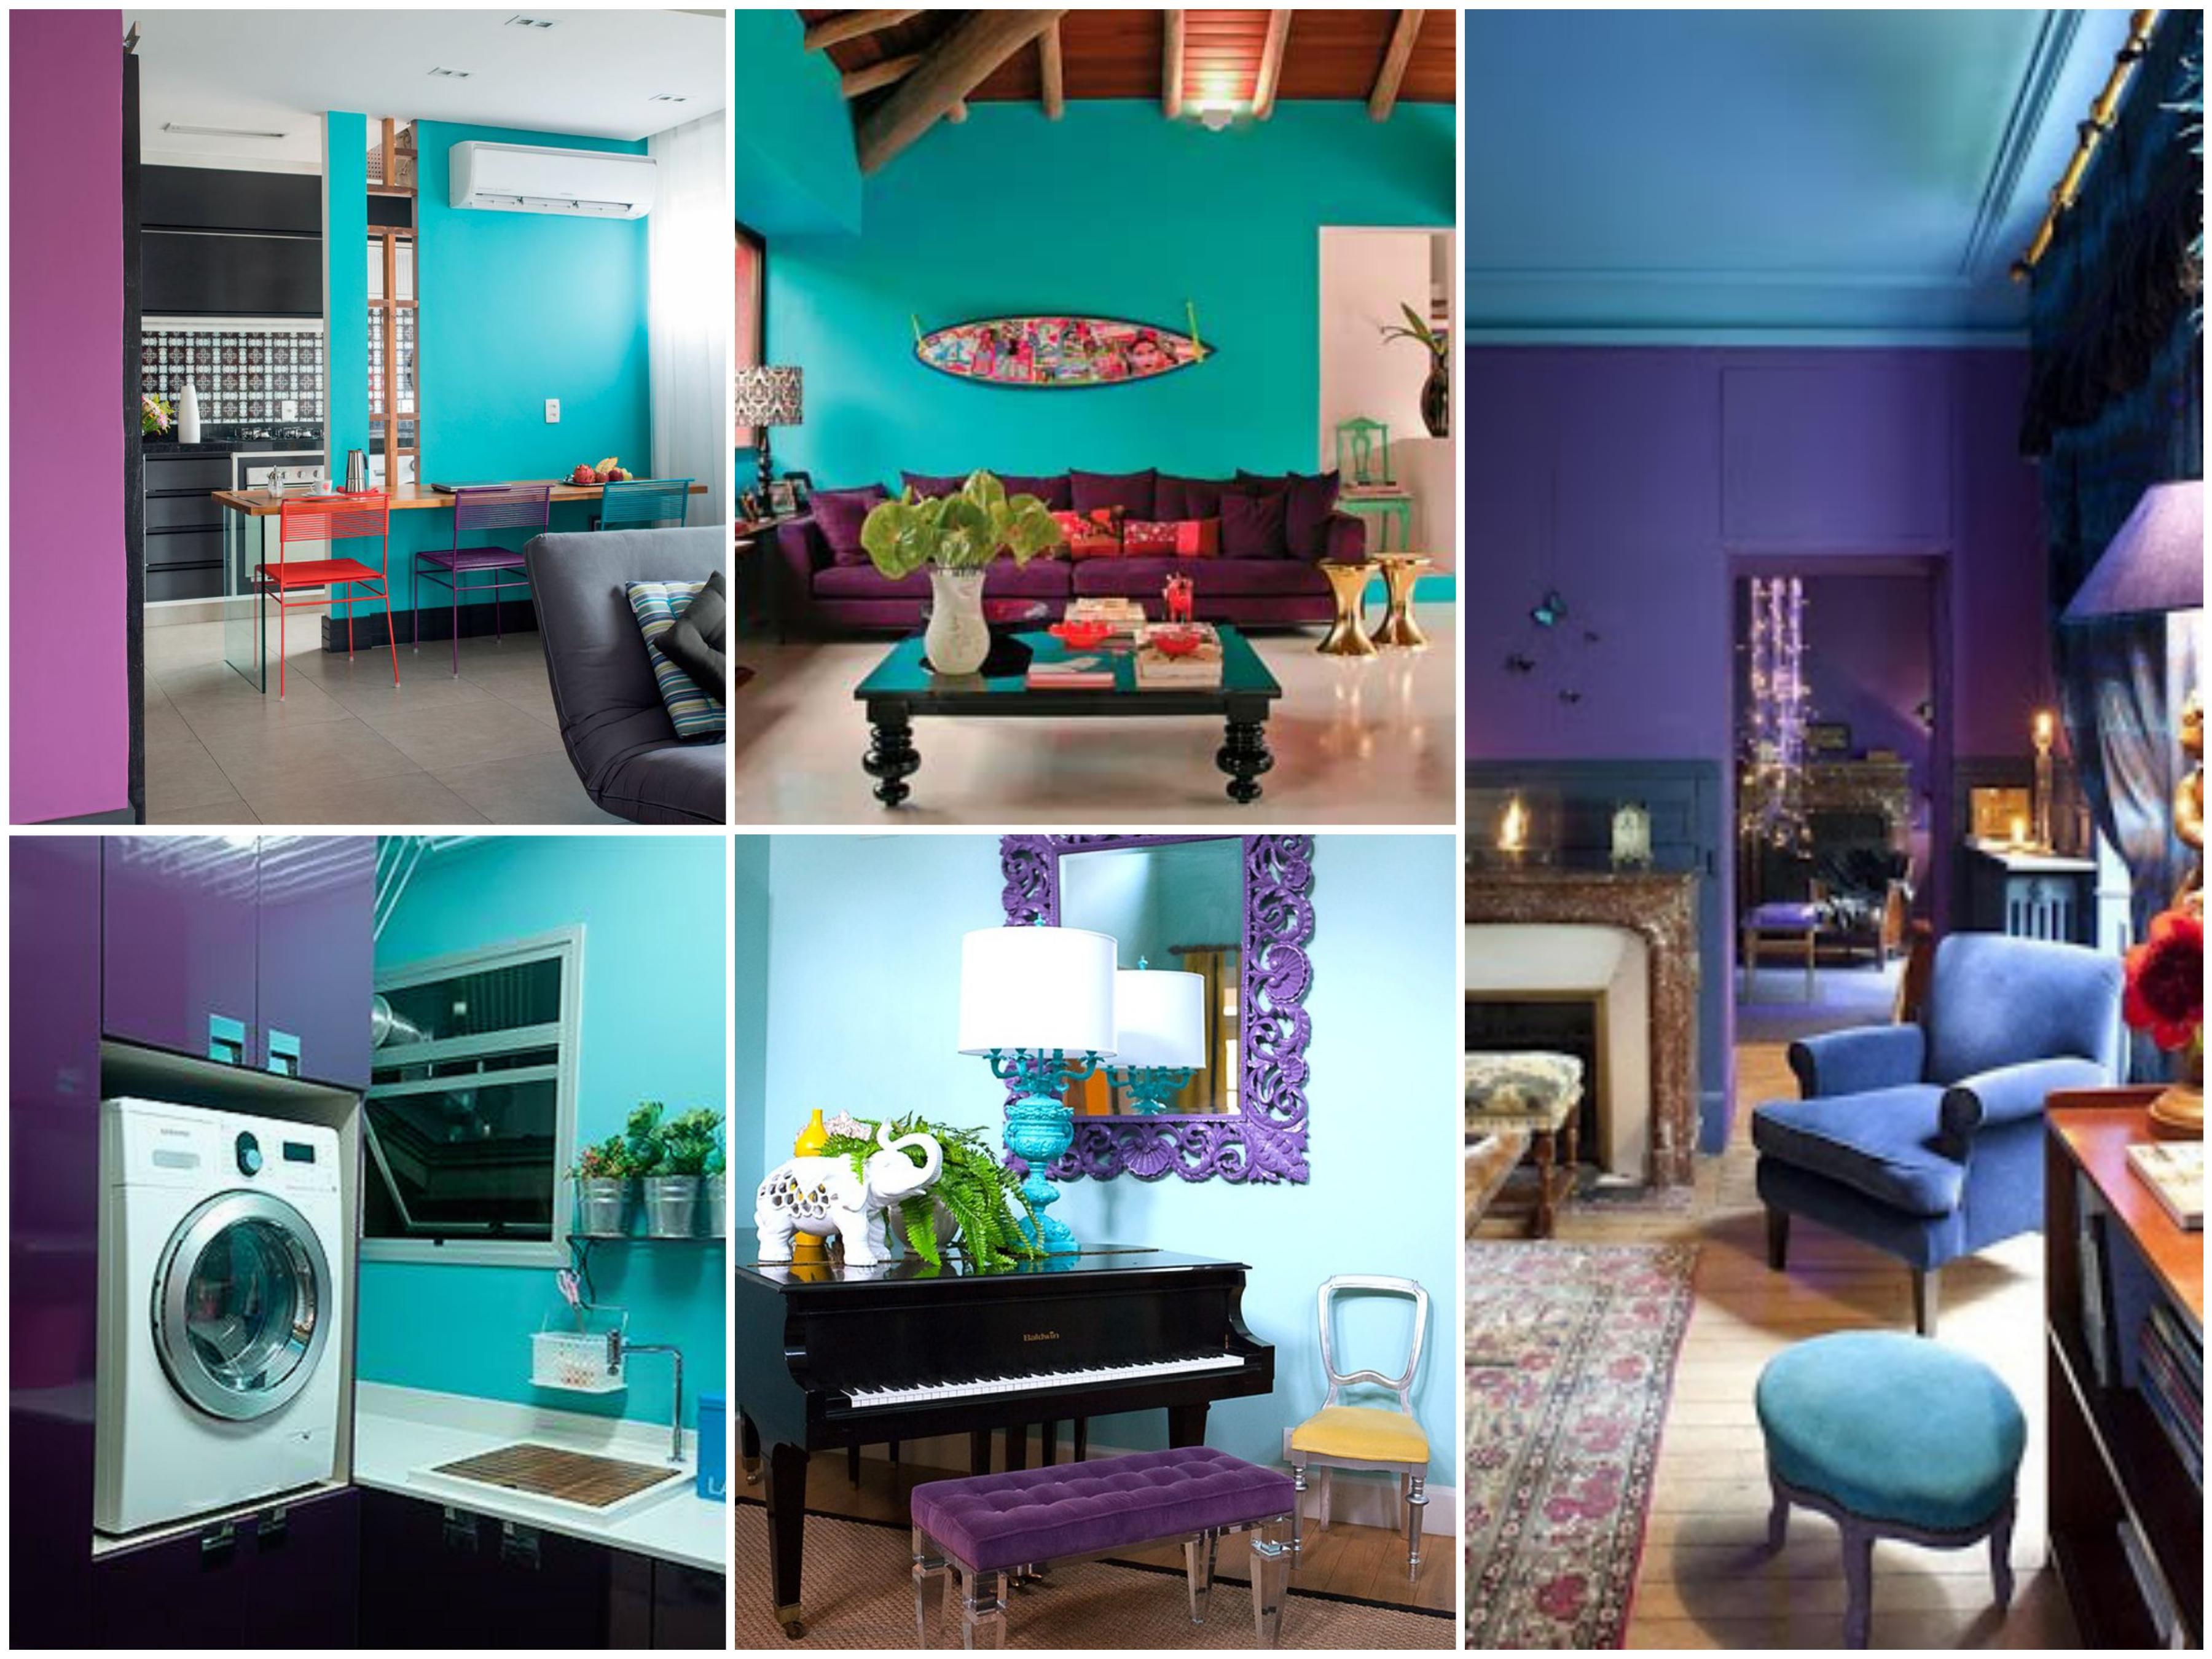 Quarto Azul Turquesa E Roxo Redival Com ~ Projeto De Quarto De Solteiro E Quarto Roxo E Verde Agua